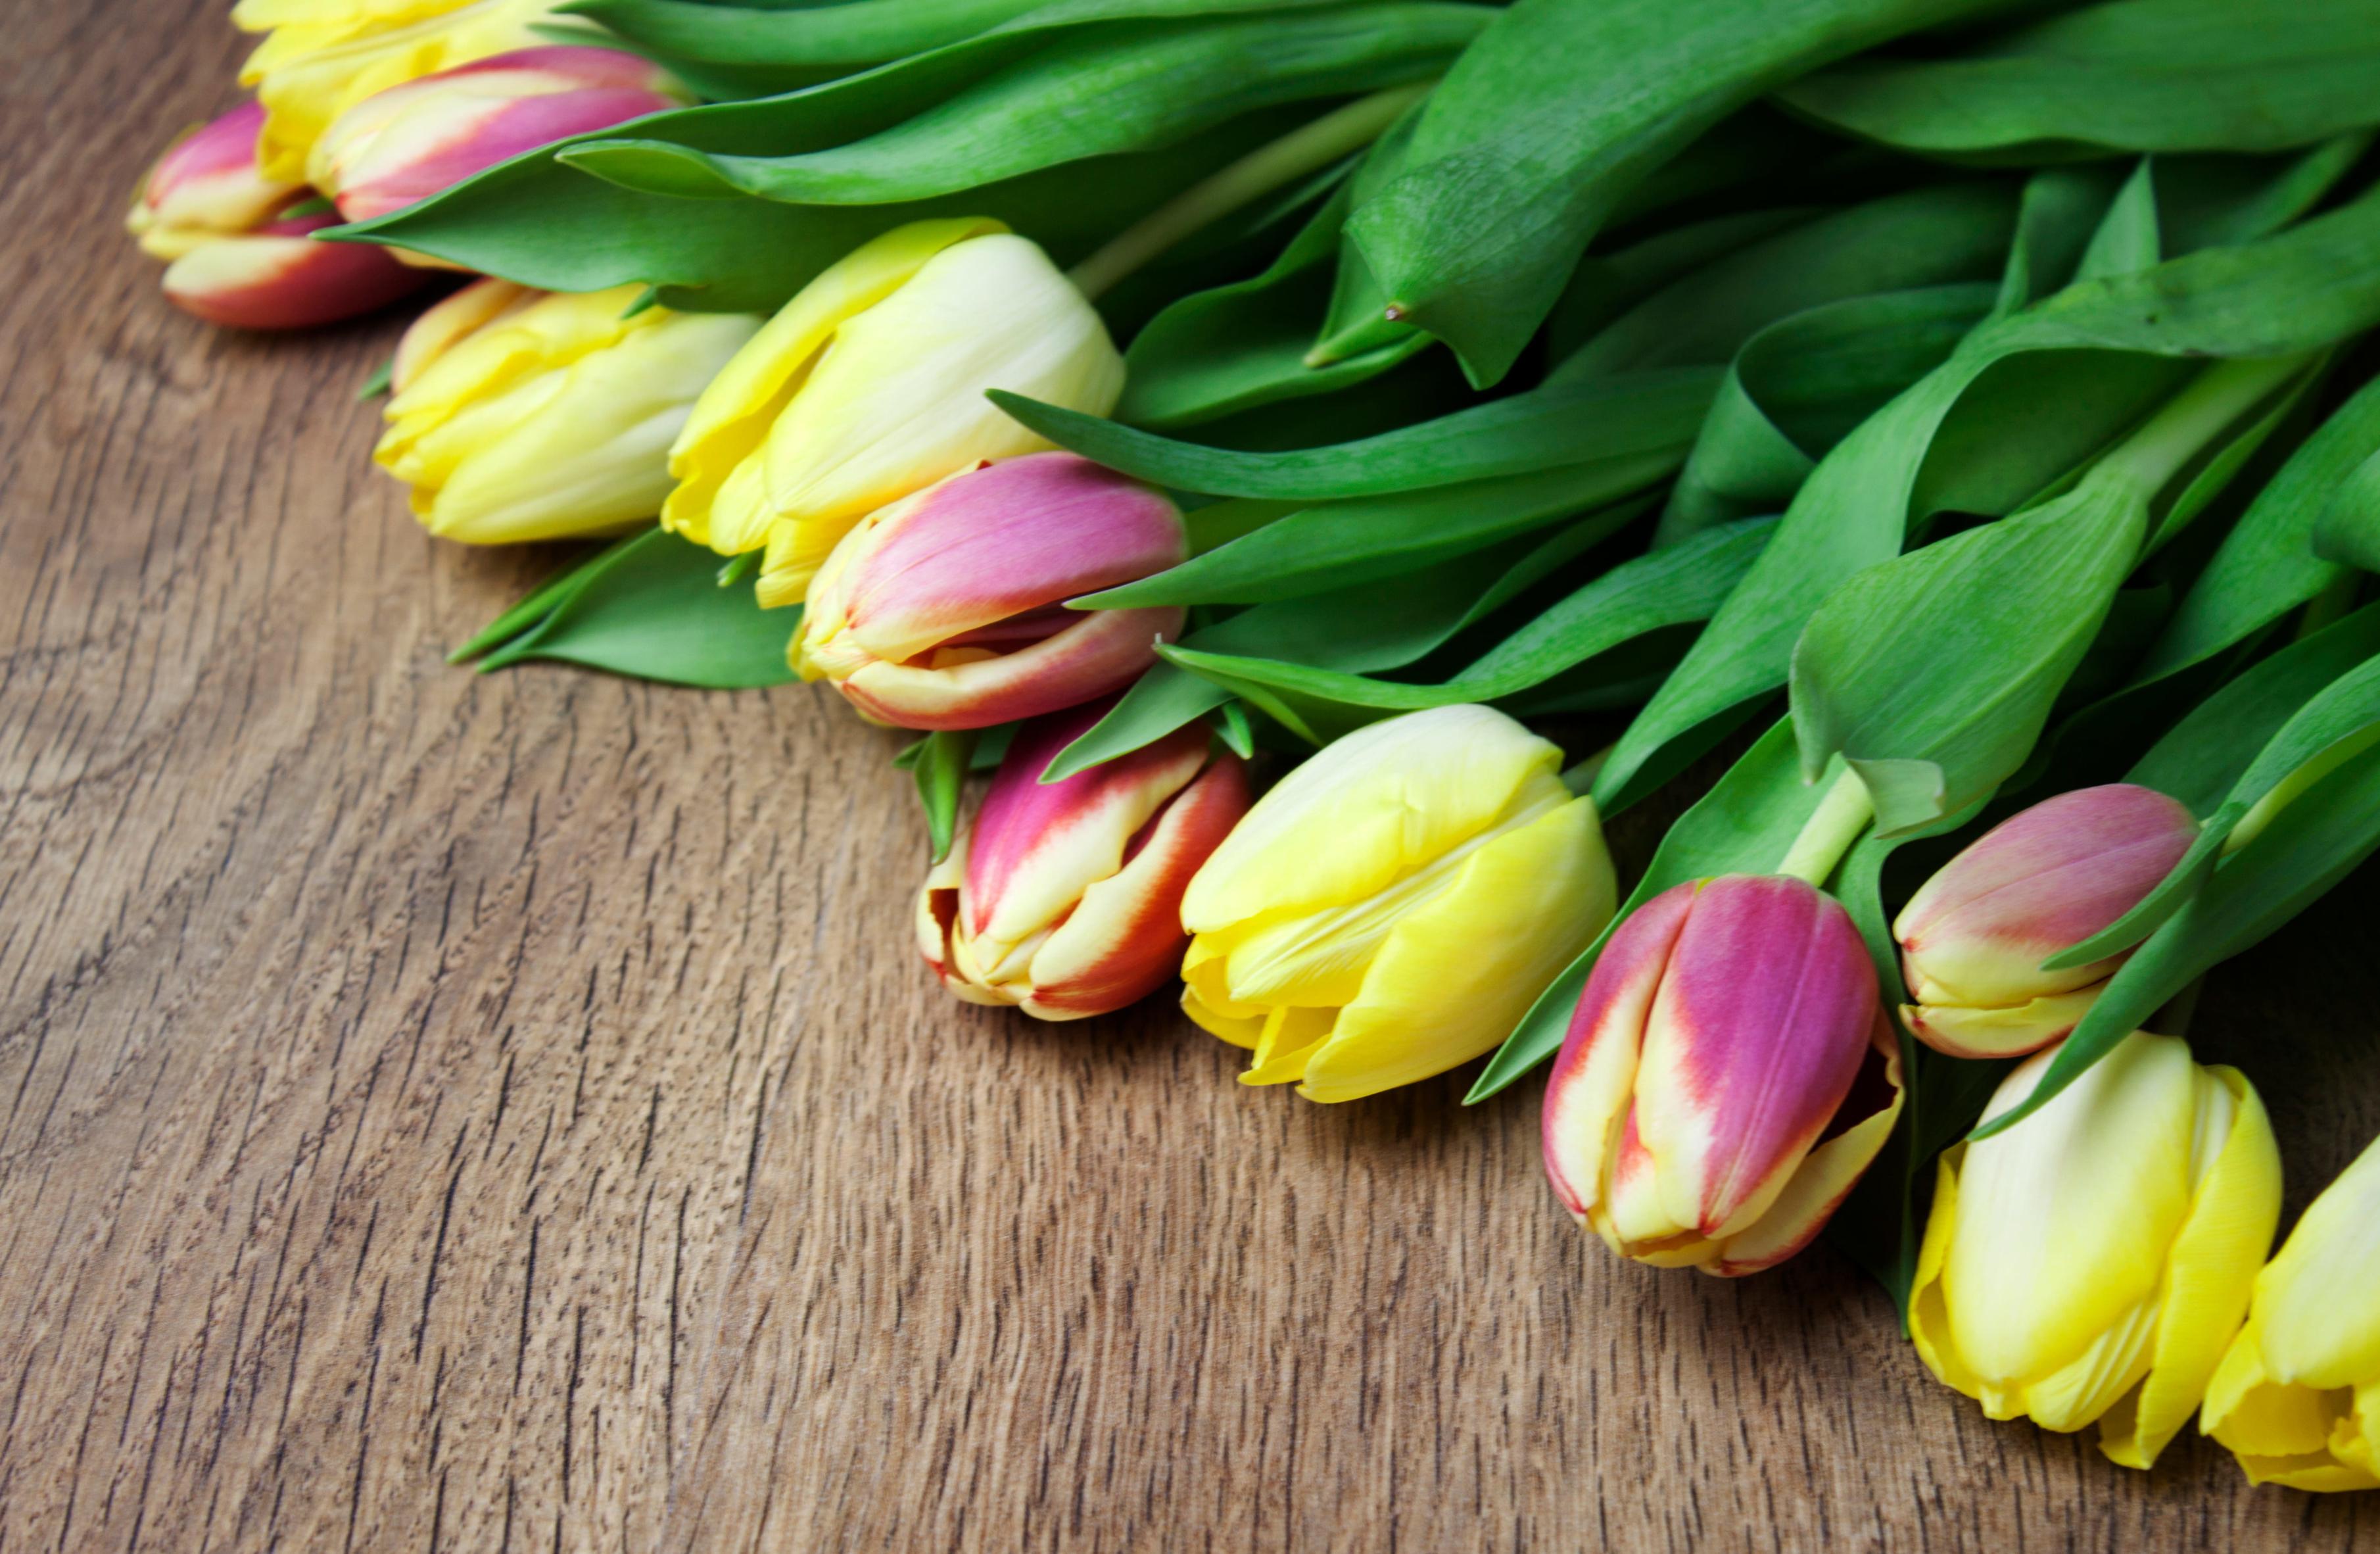 tulip-photo-10